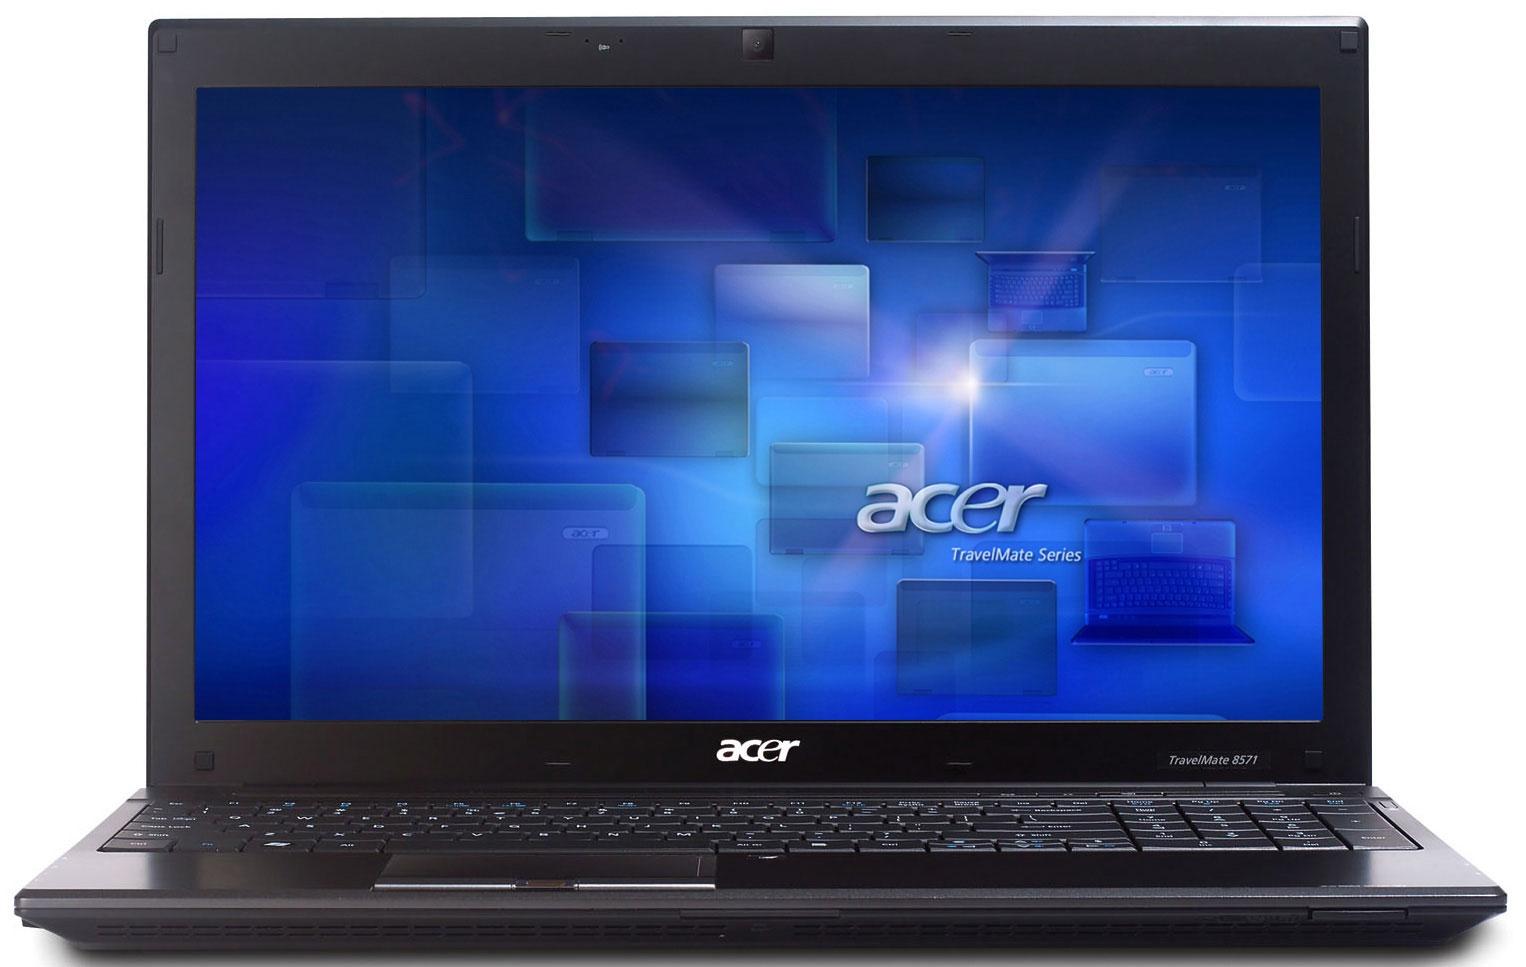 Матрицы ноутбуков Acer - партномера, характеристики, аналоги матриц ноутбуков Acer